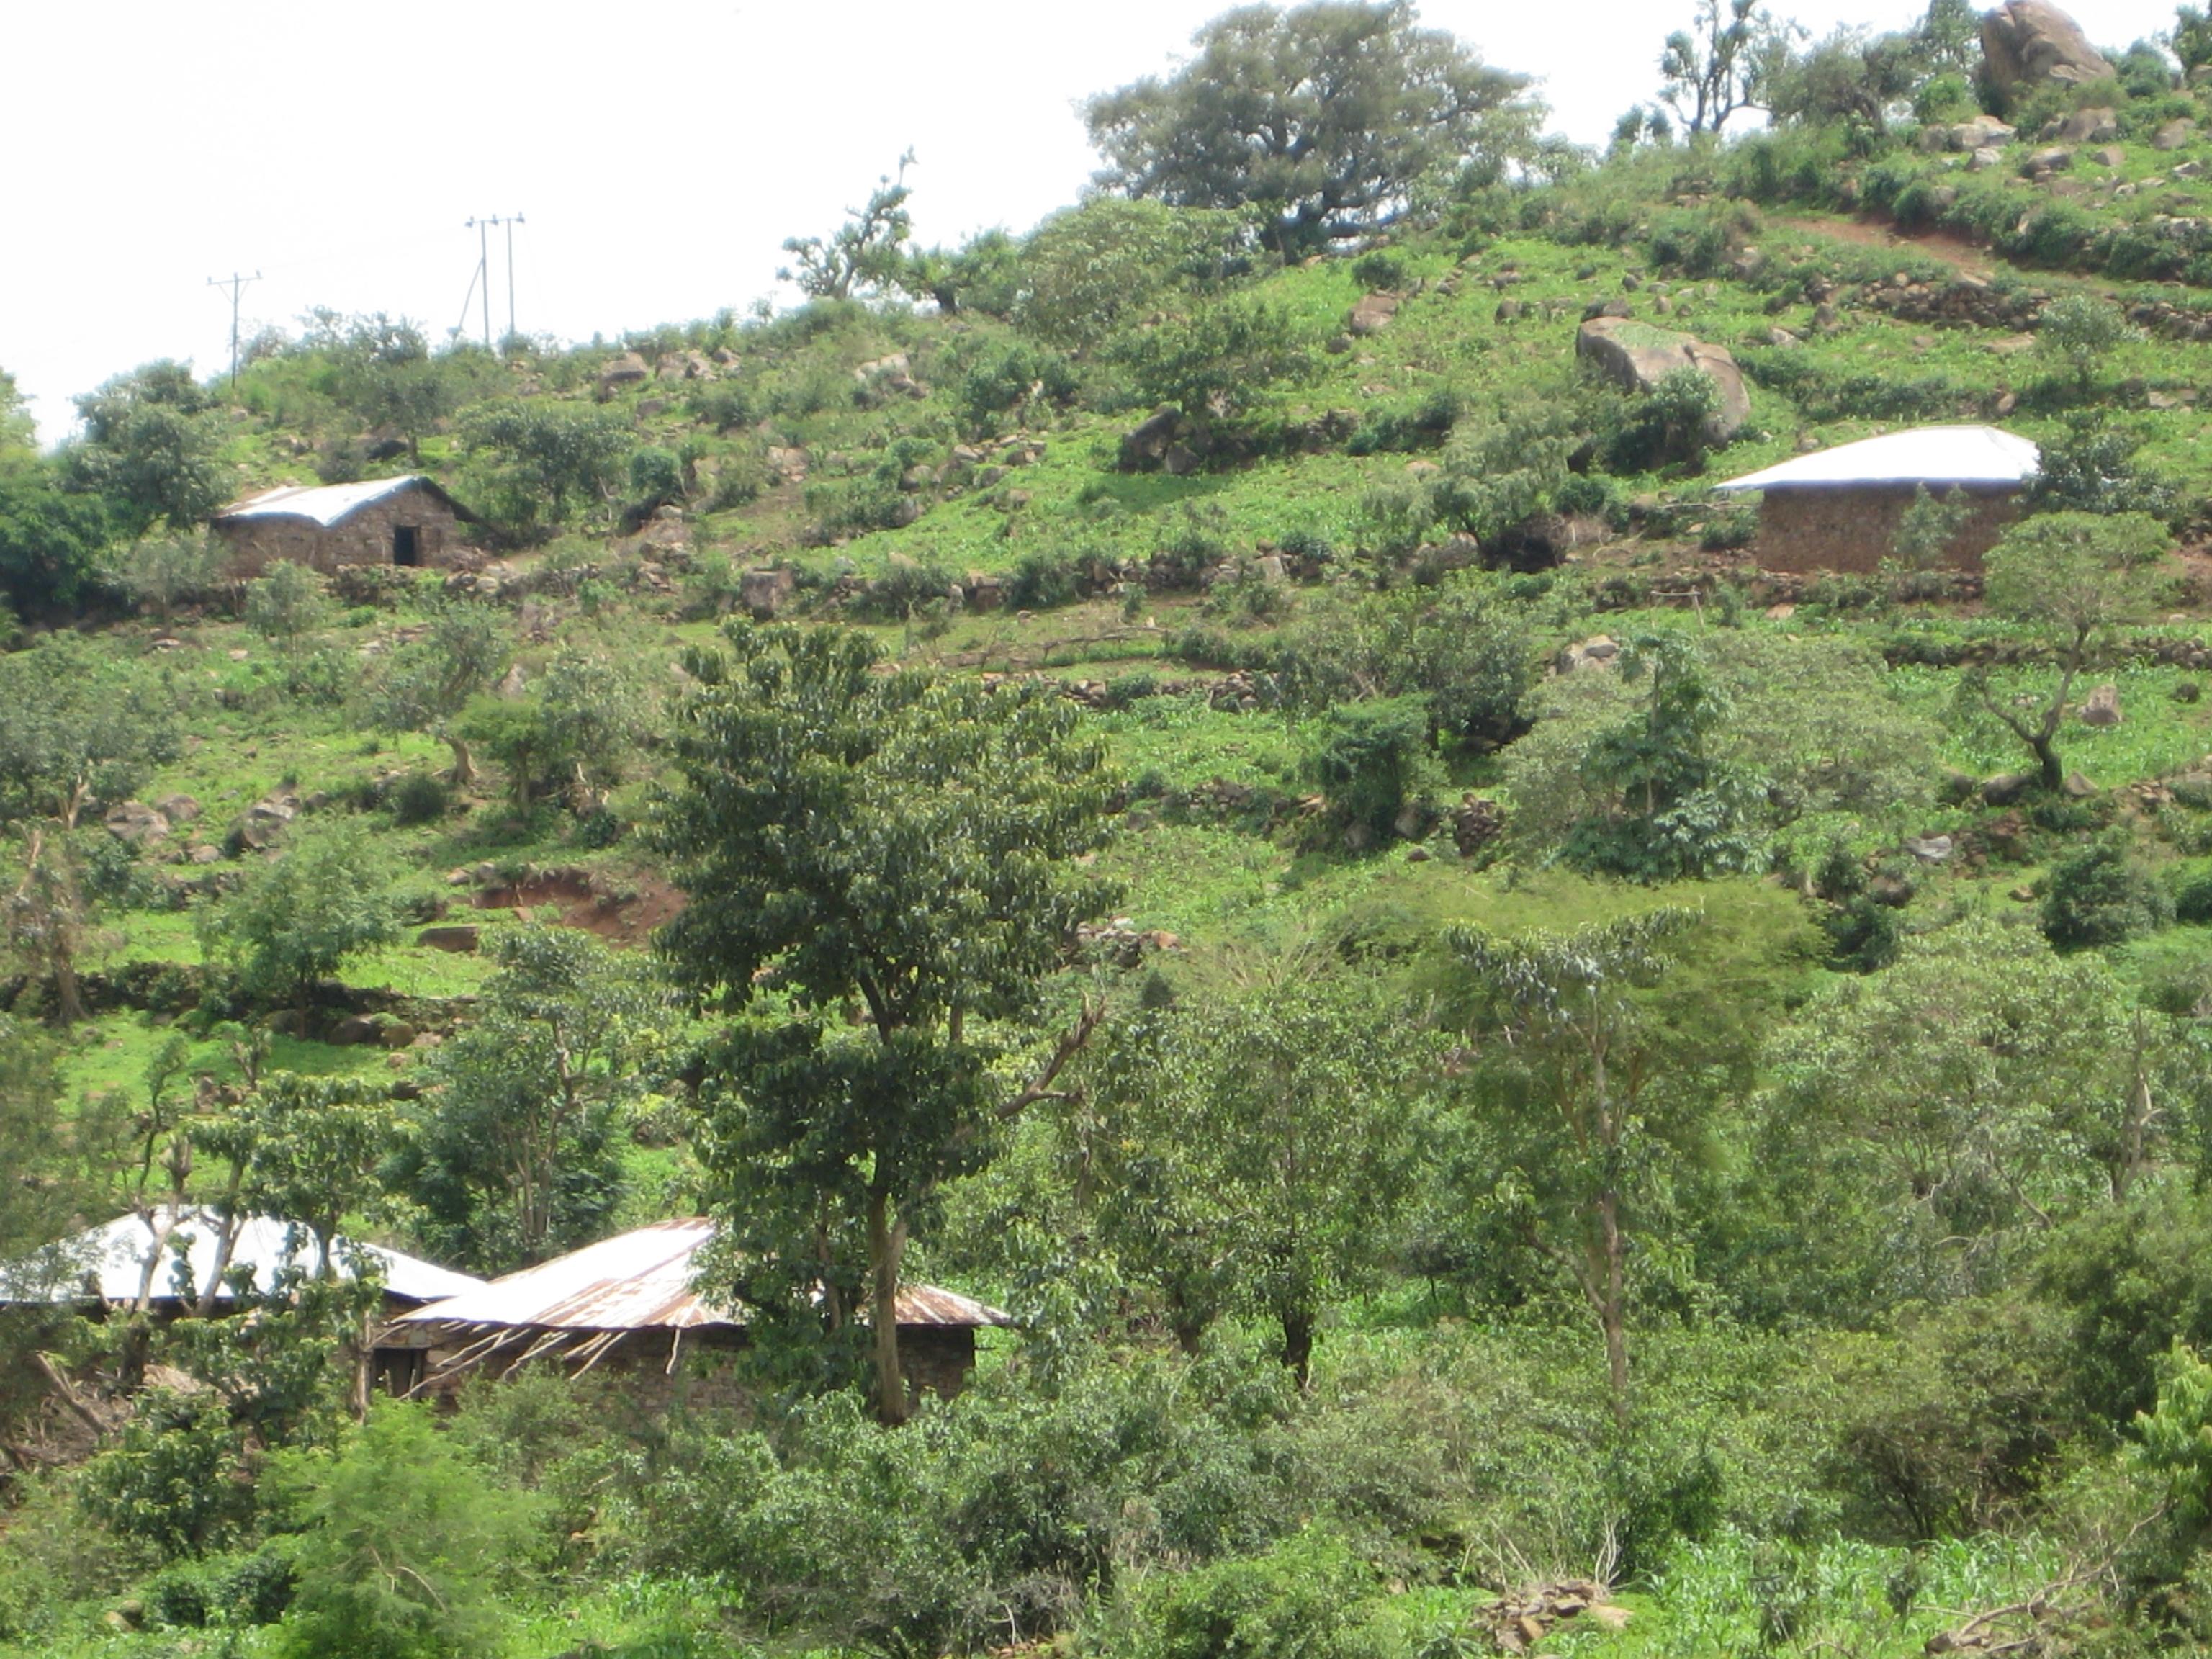 Entwicklungshilfe in idyllischer Umgebung: Landwirtschadtsprojekte im äthiopischen Gondar (C) Lopatka